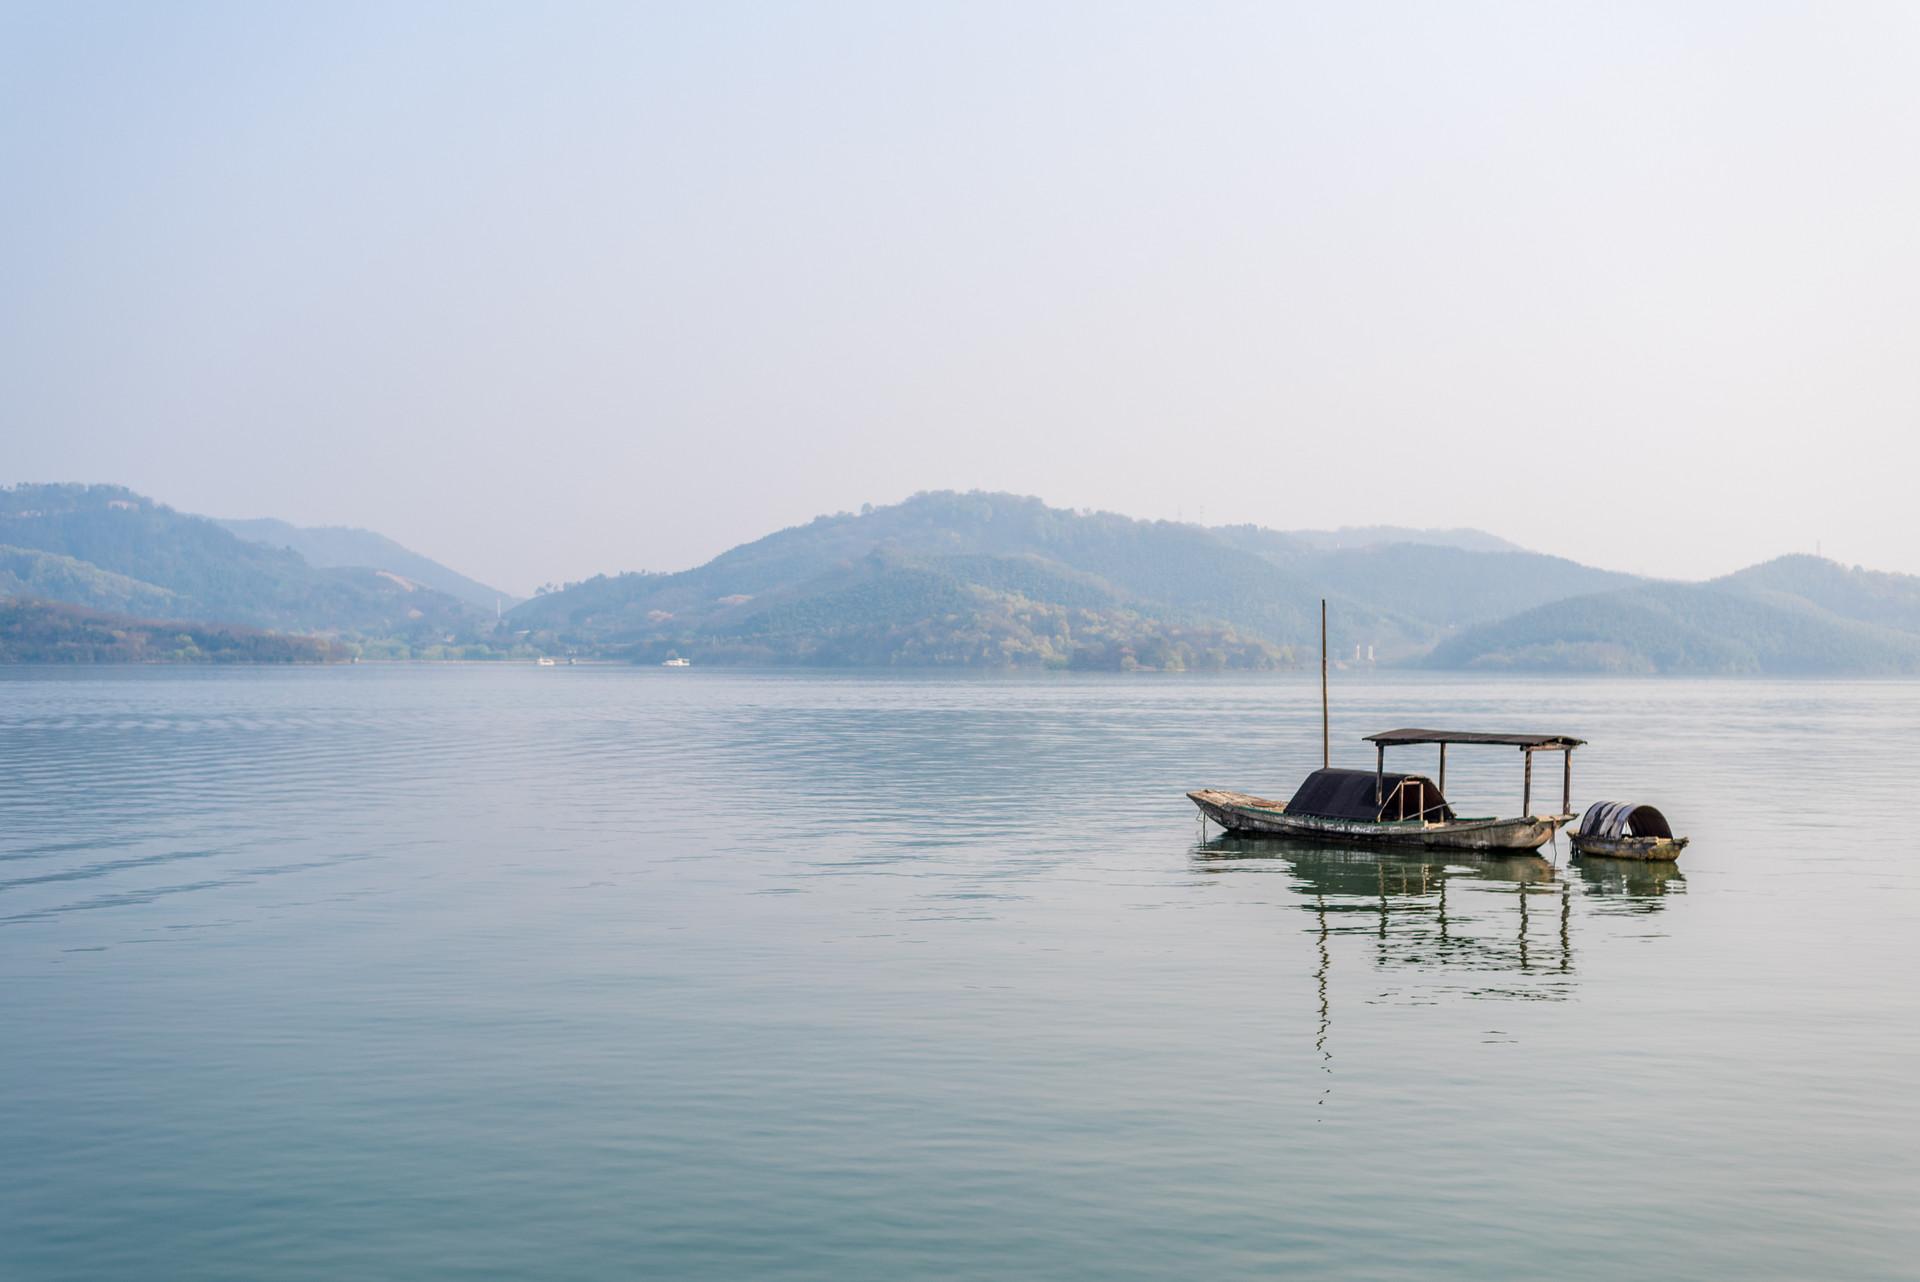 """江苏有5座城市的名字都带""""州"""",有的是一线城市,但有的很低调"""